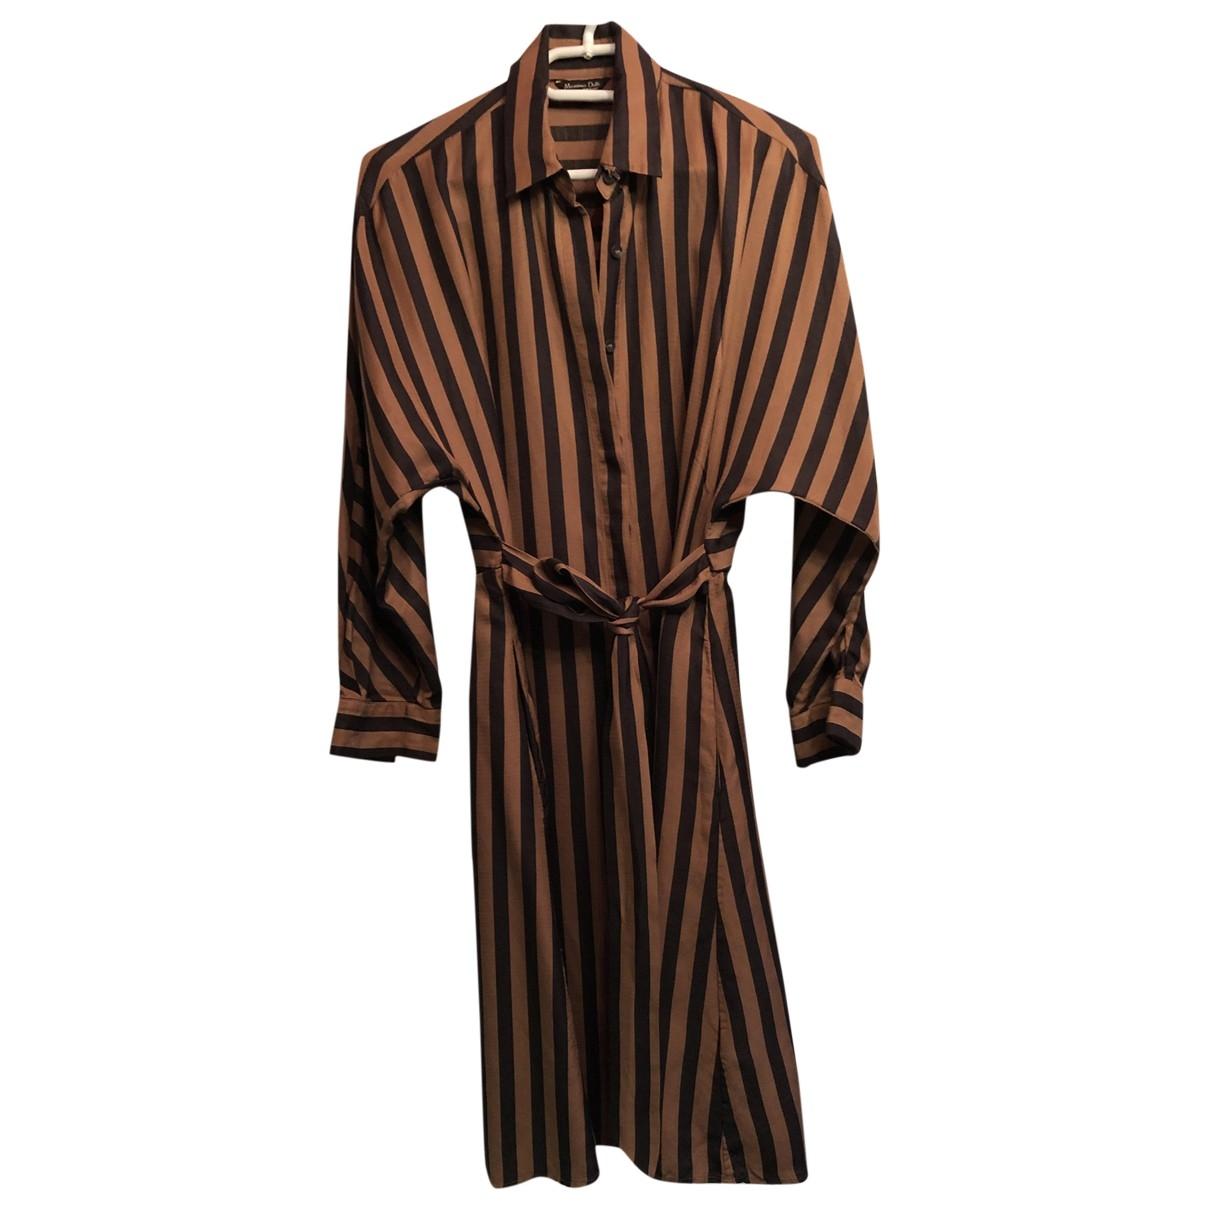 Massimo Dutti \N Camel dress for Women 36 FR